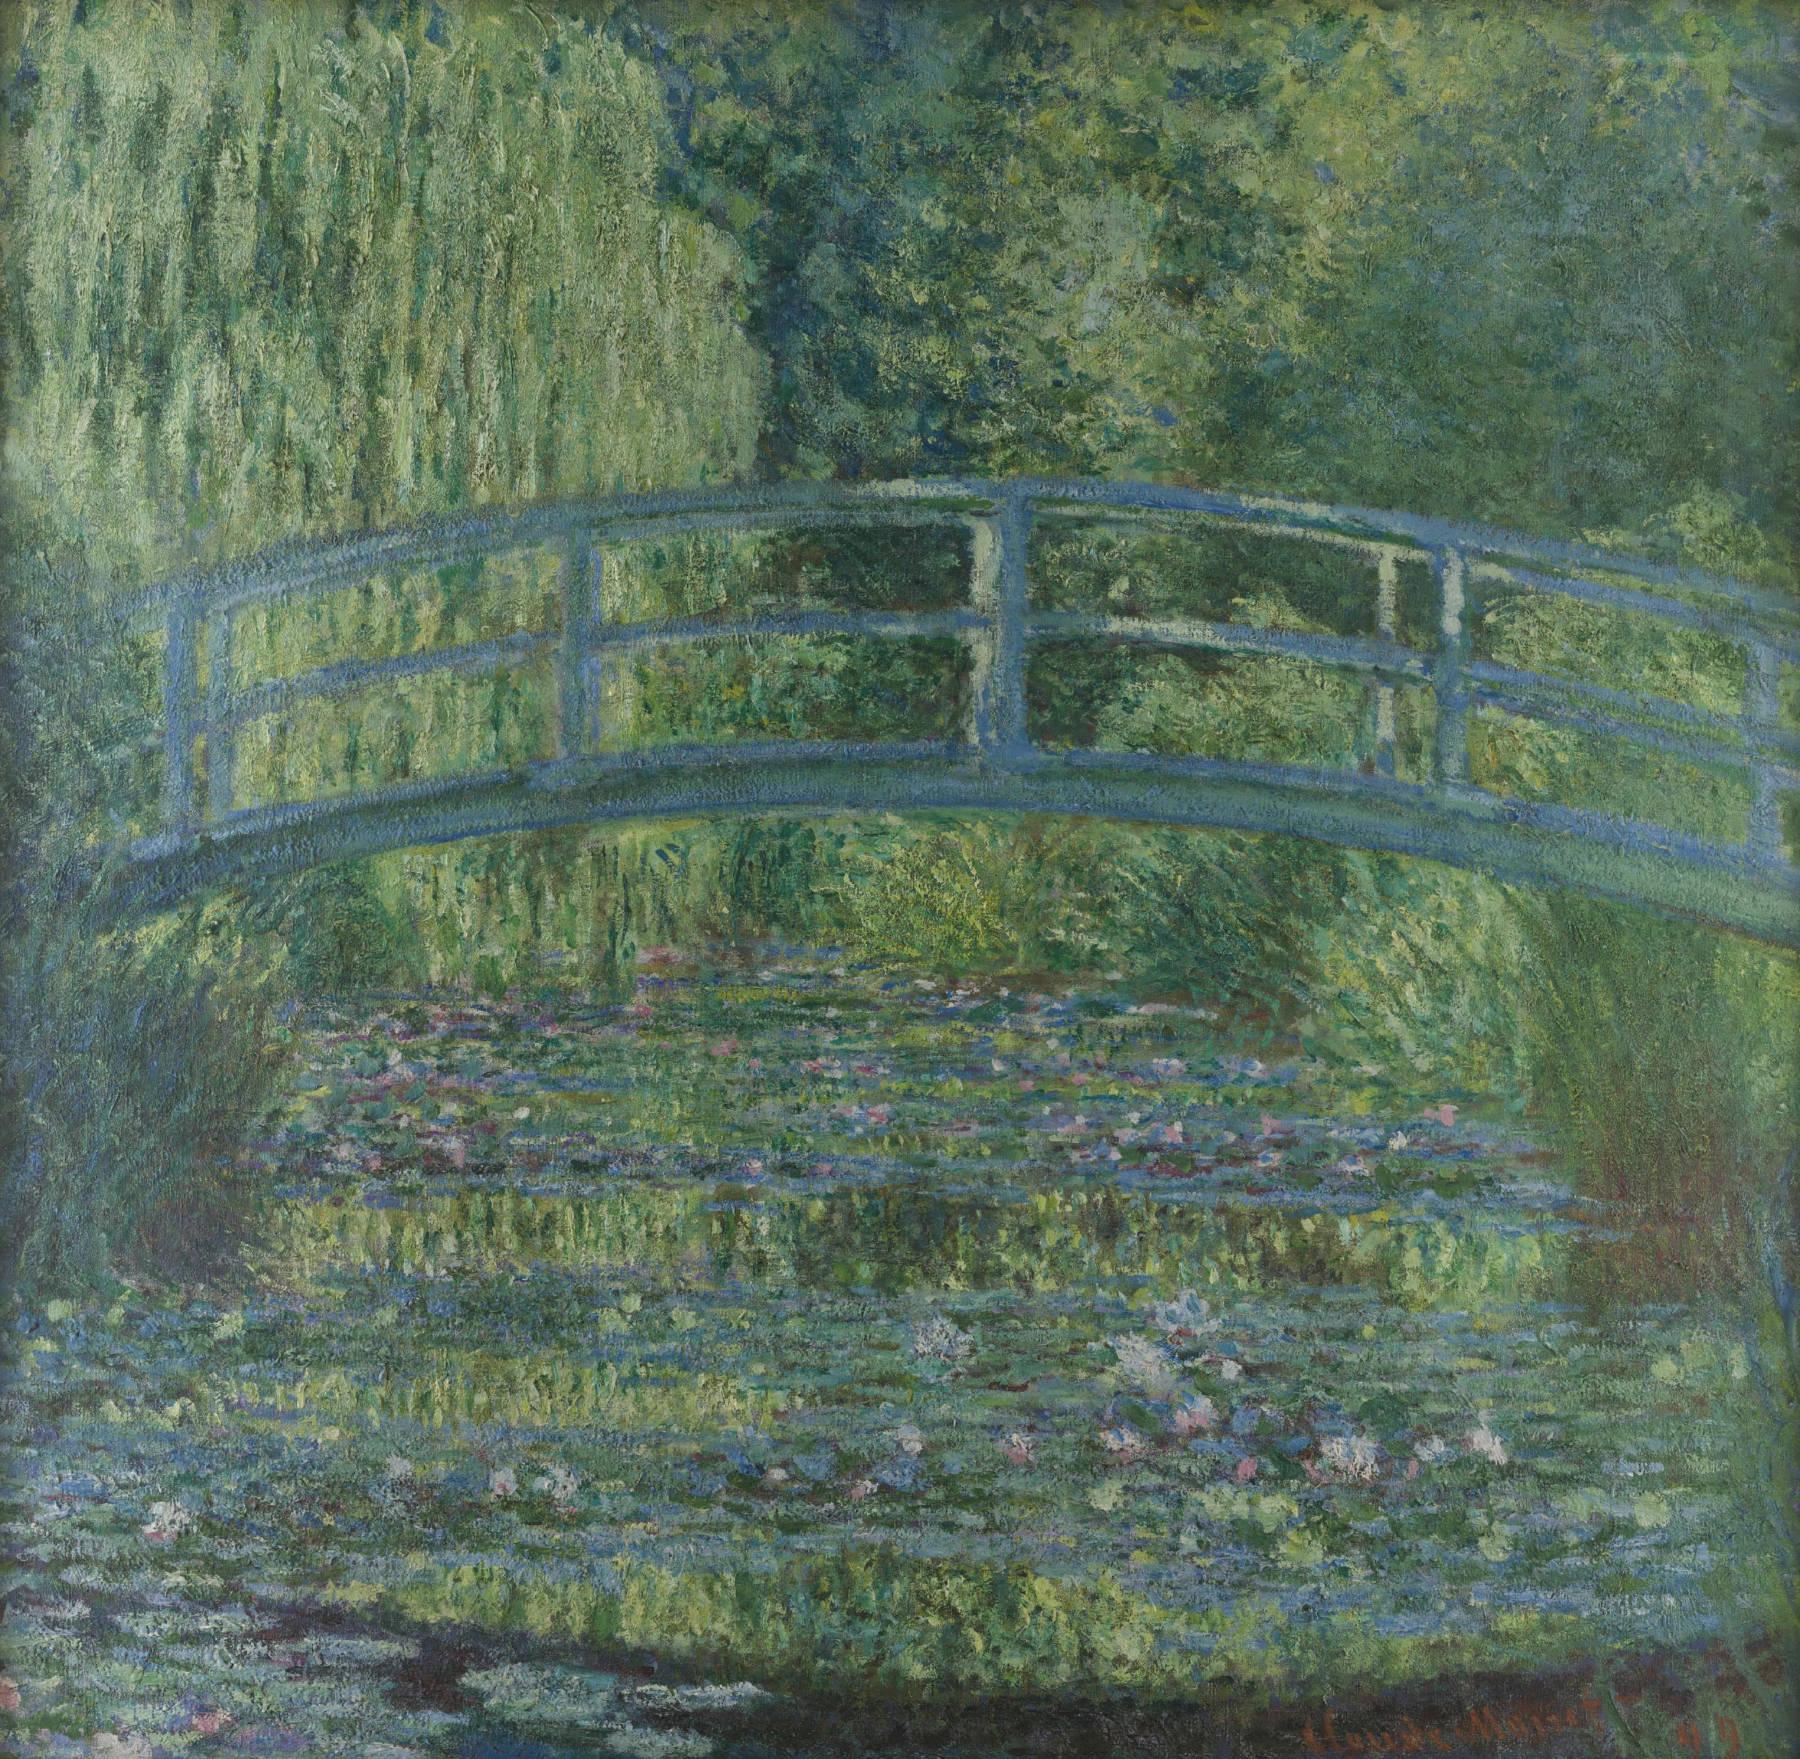 Claude Monet, Le Bassin aux nymphéas, harmonie verte